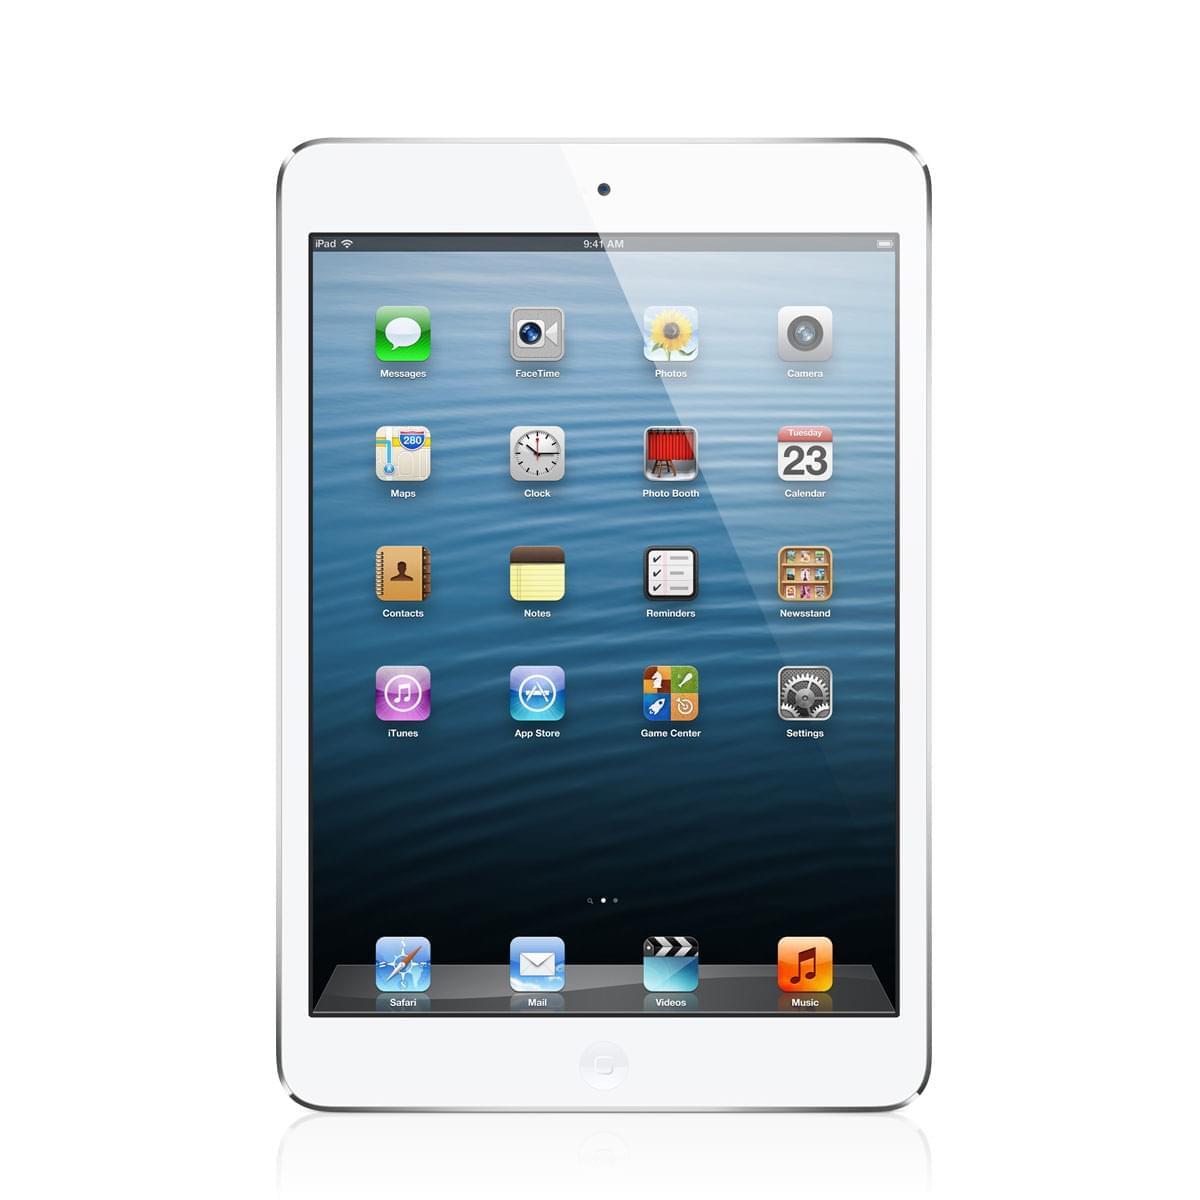 Apple iPad Mini 16Go WiFi Argent (Blanc) - Tablette tactile Apple - 0